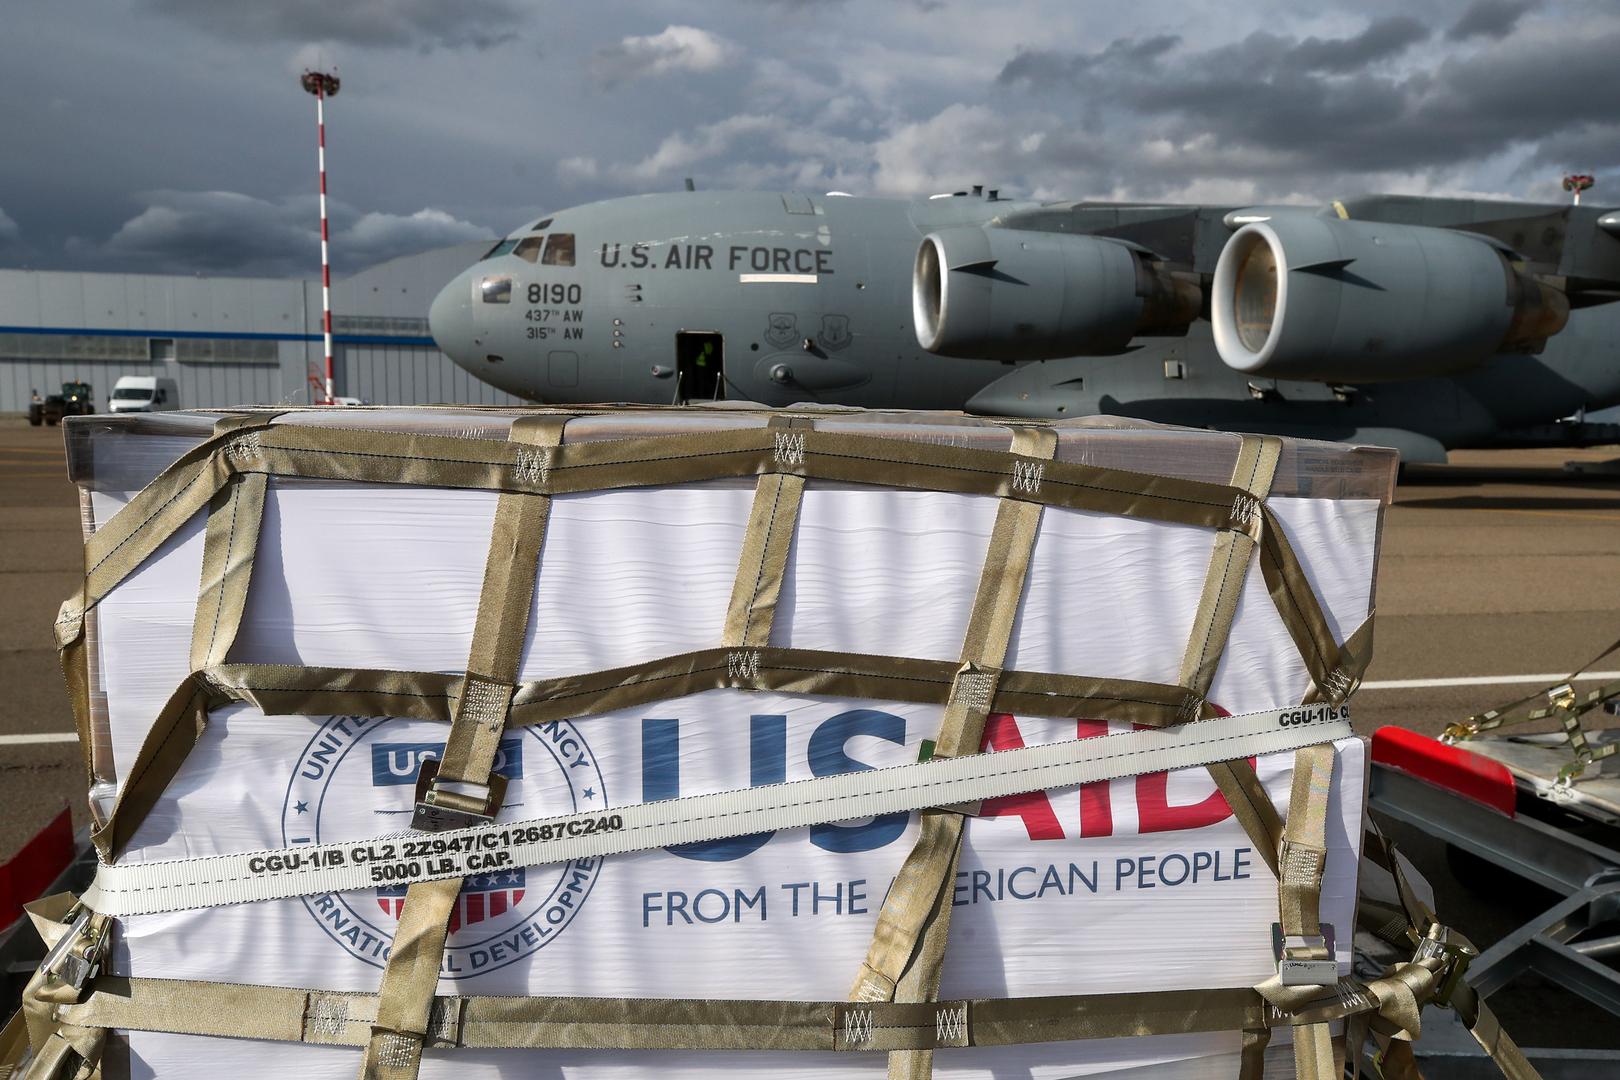 واشنطن: الشحنة الثانية من أجهزة التنفس إلى روسيا الأسبوع القادم